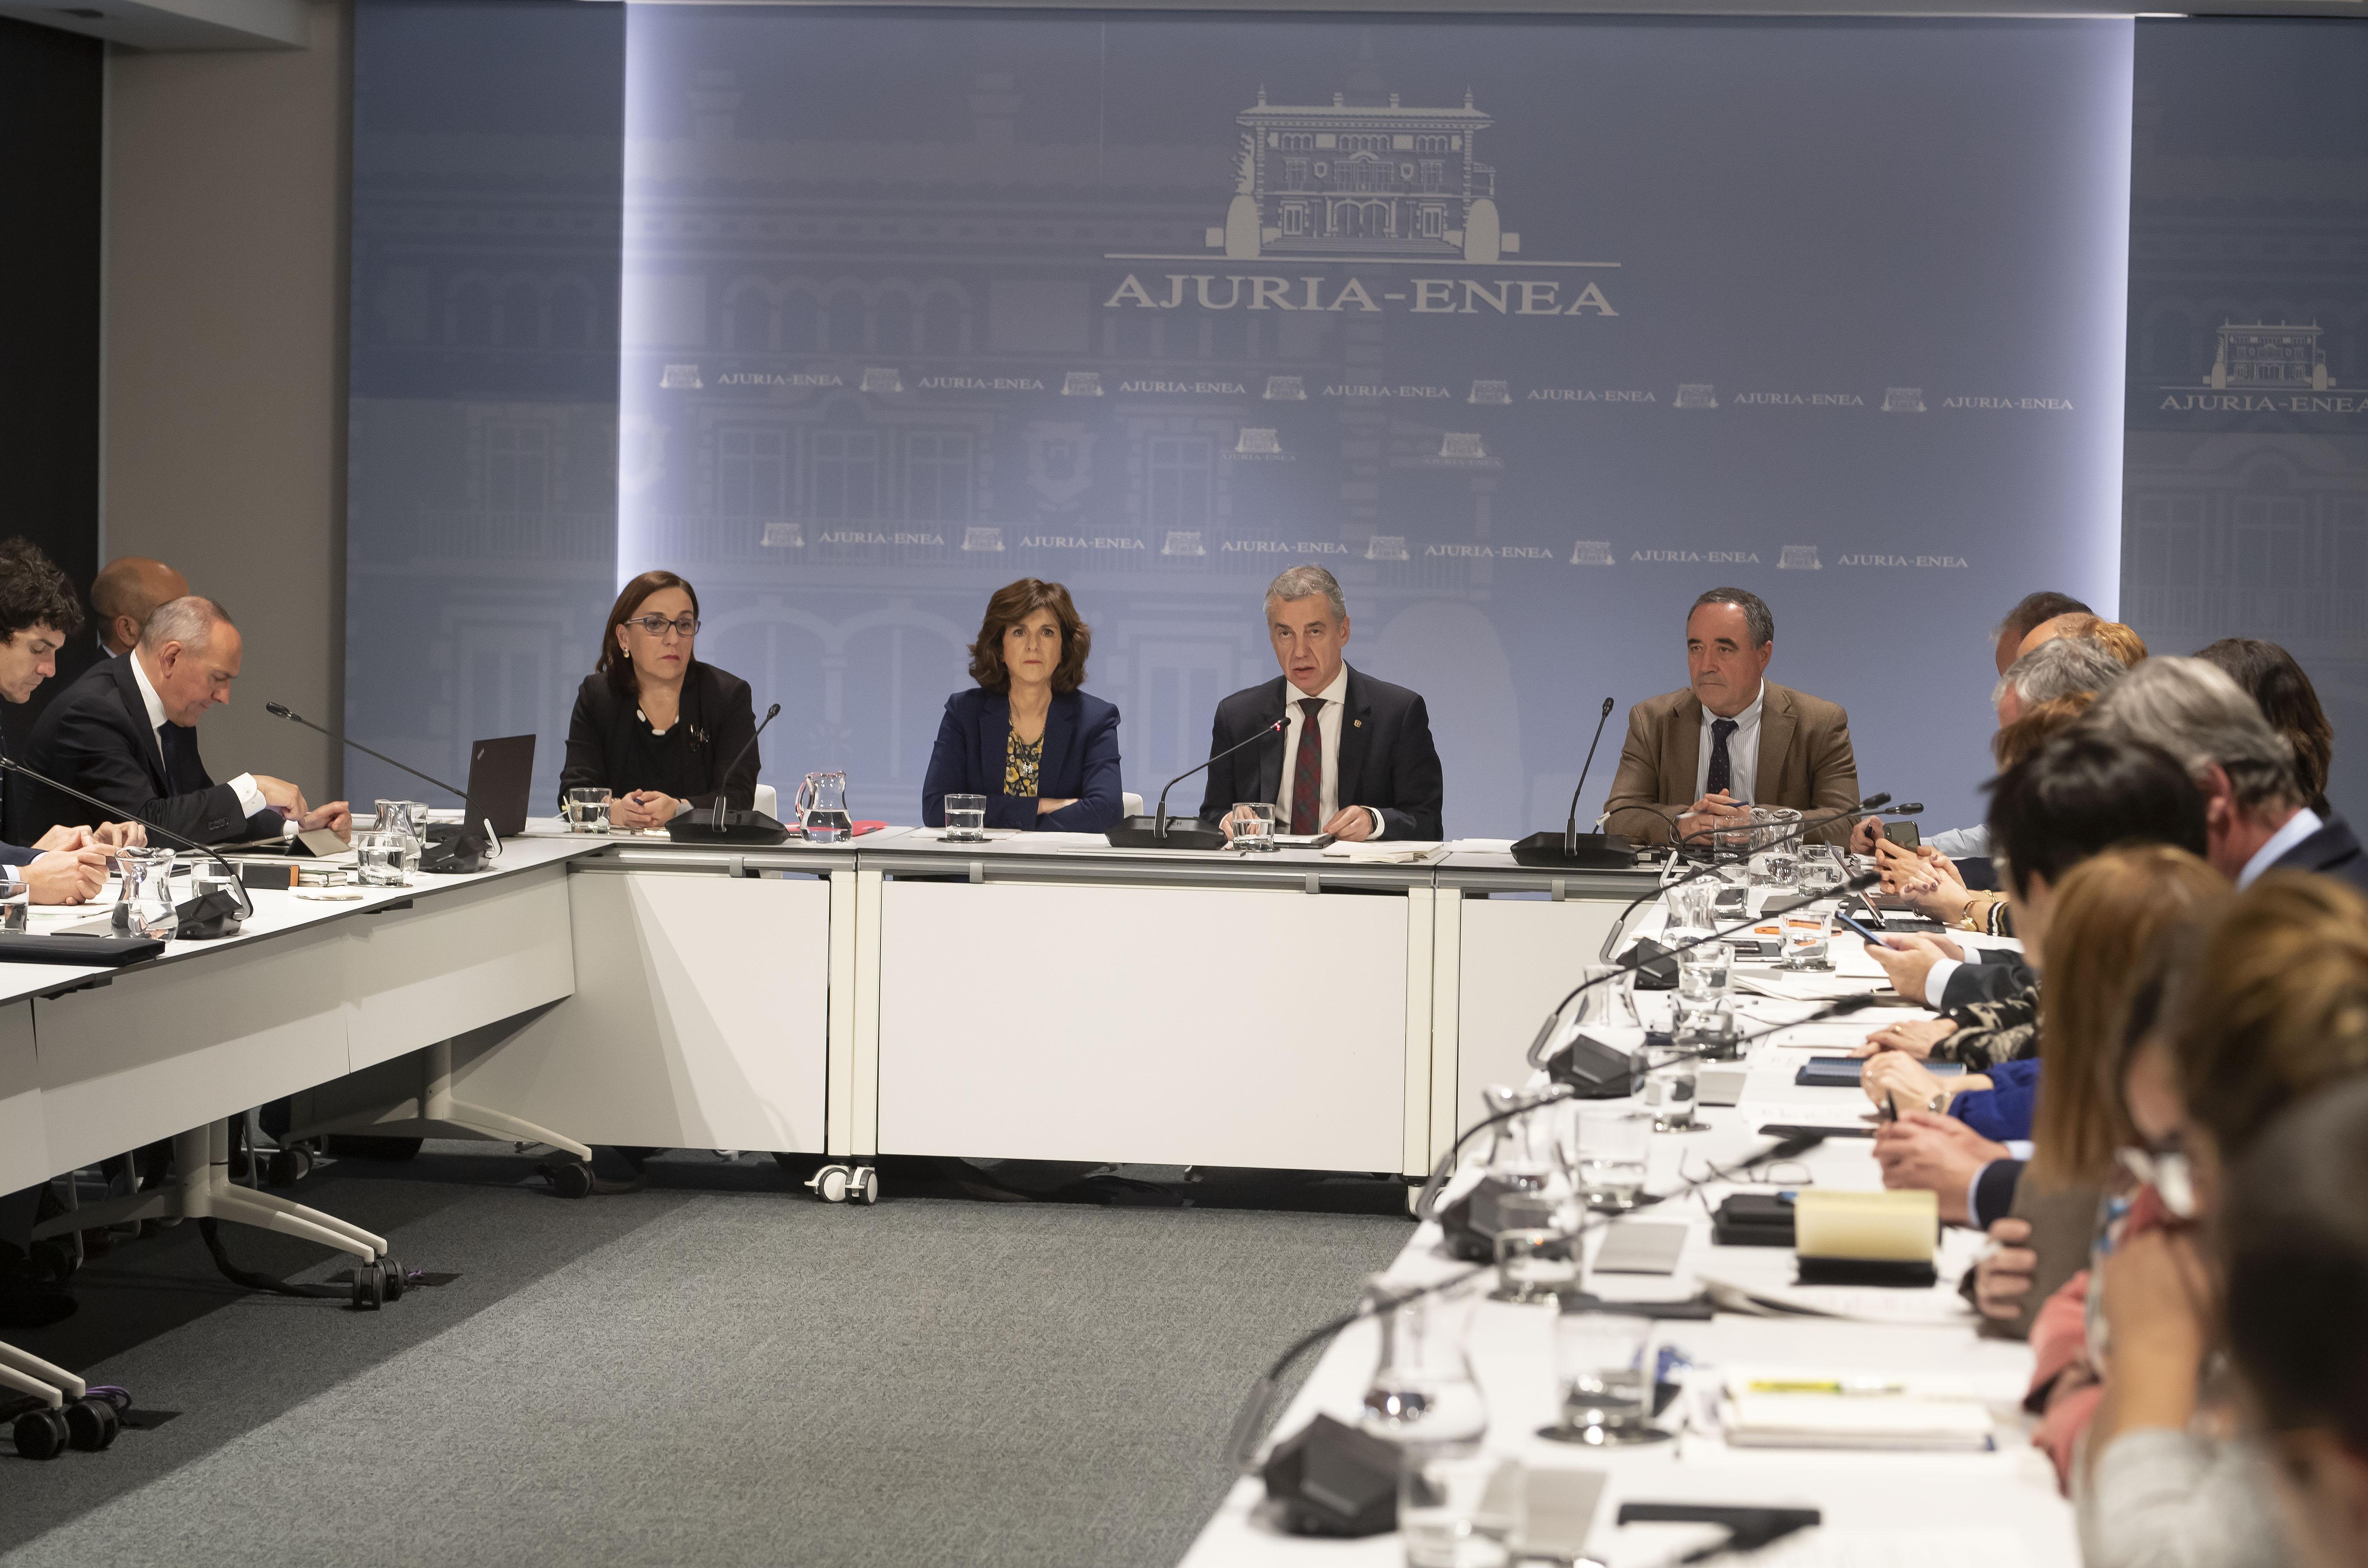 El Lehendakari preside la reunión de coordinación interinstitucional para elseguimiento y coordinación de las actuaciones dirigidas a abordar el Coronavirus en Euskadi [6:20]